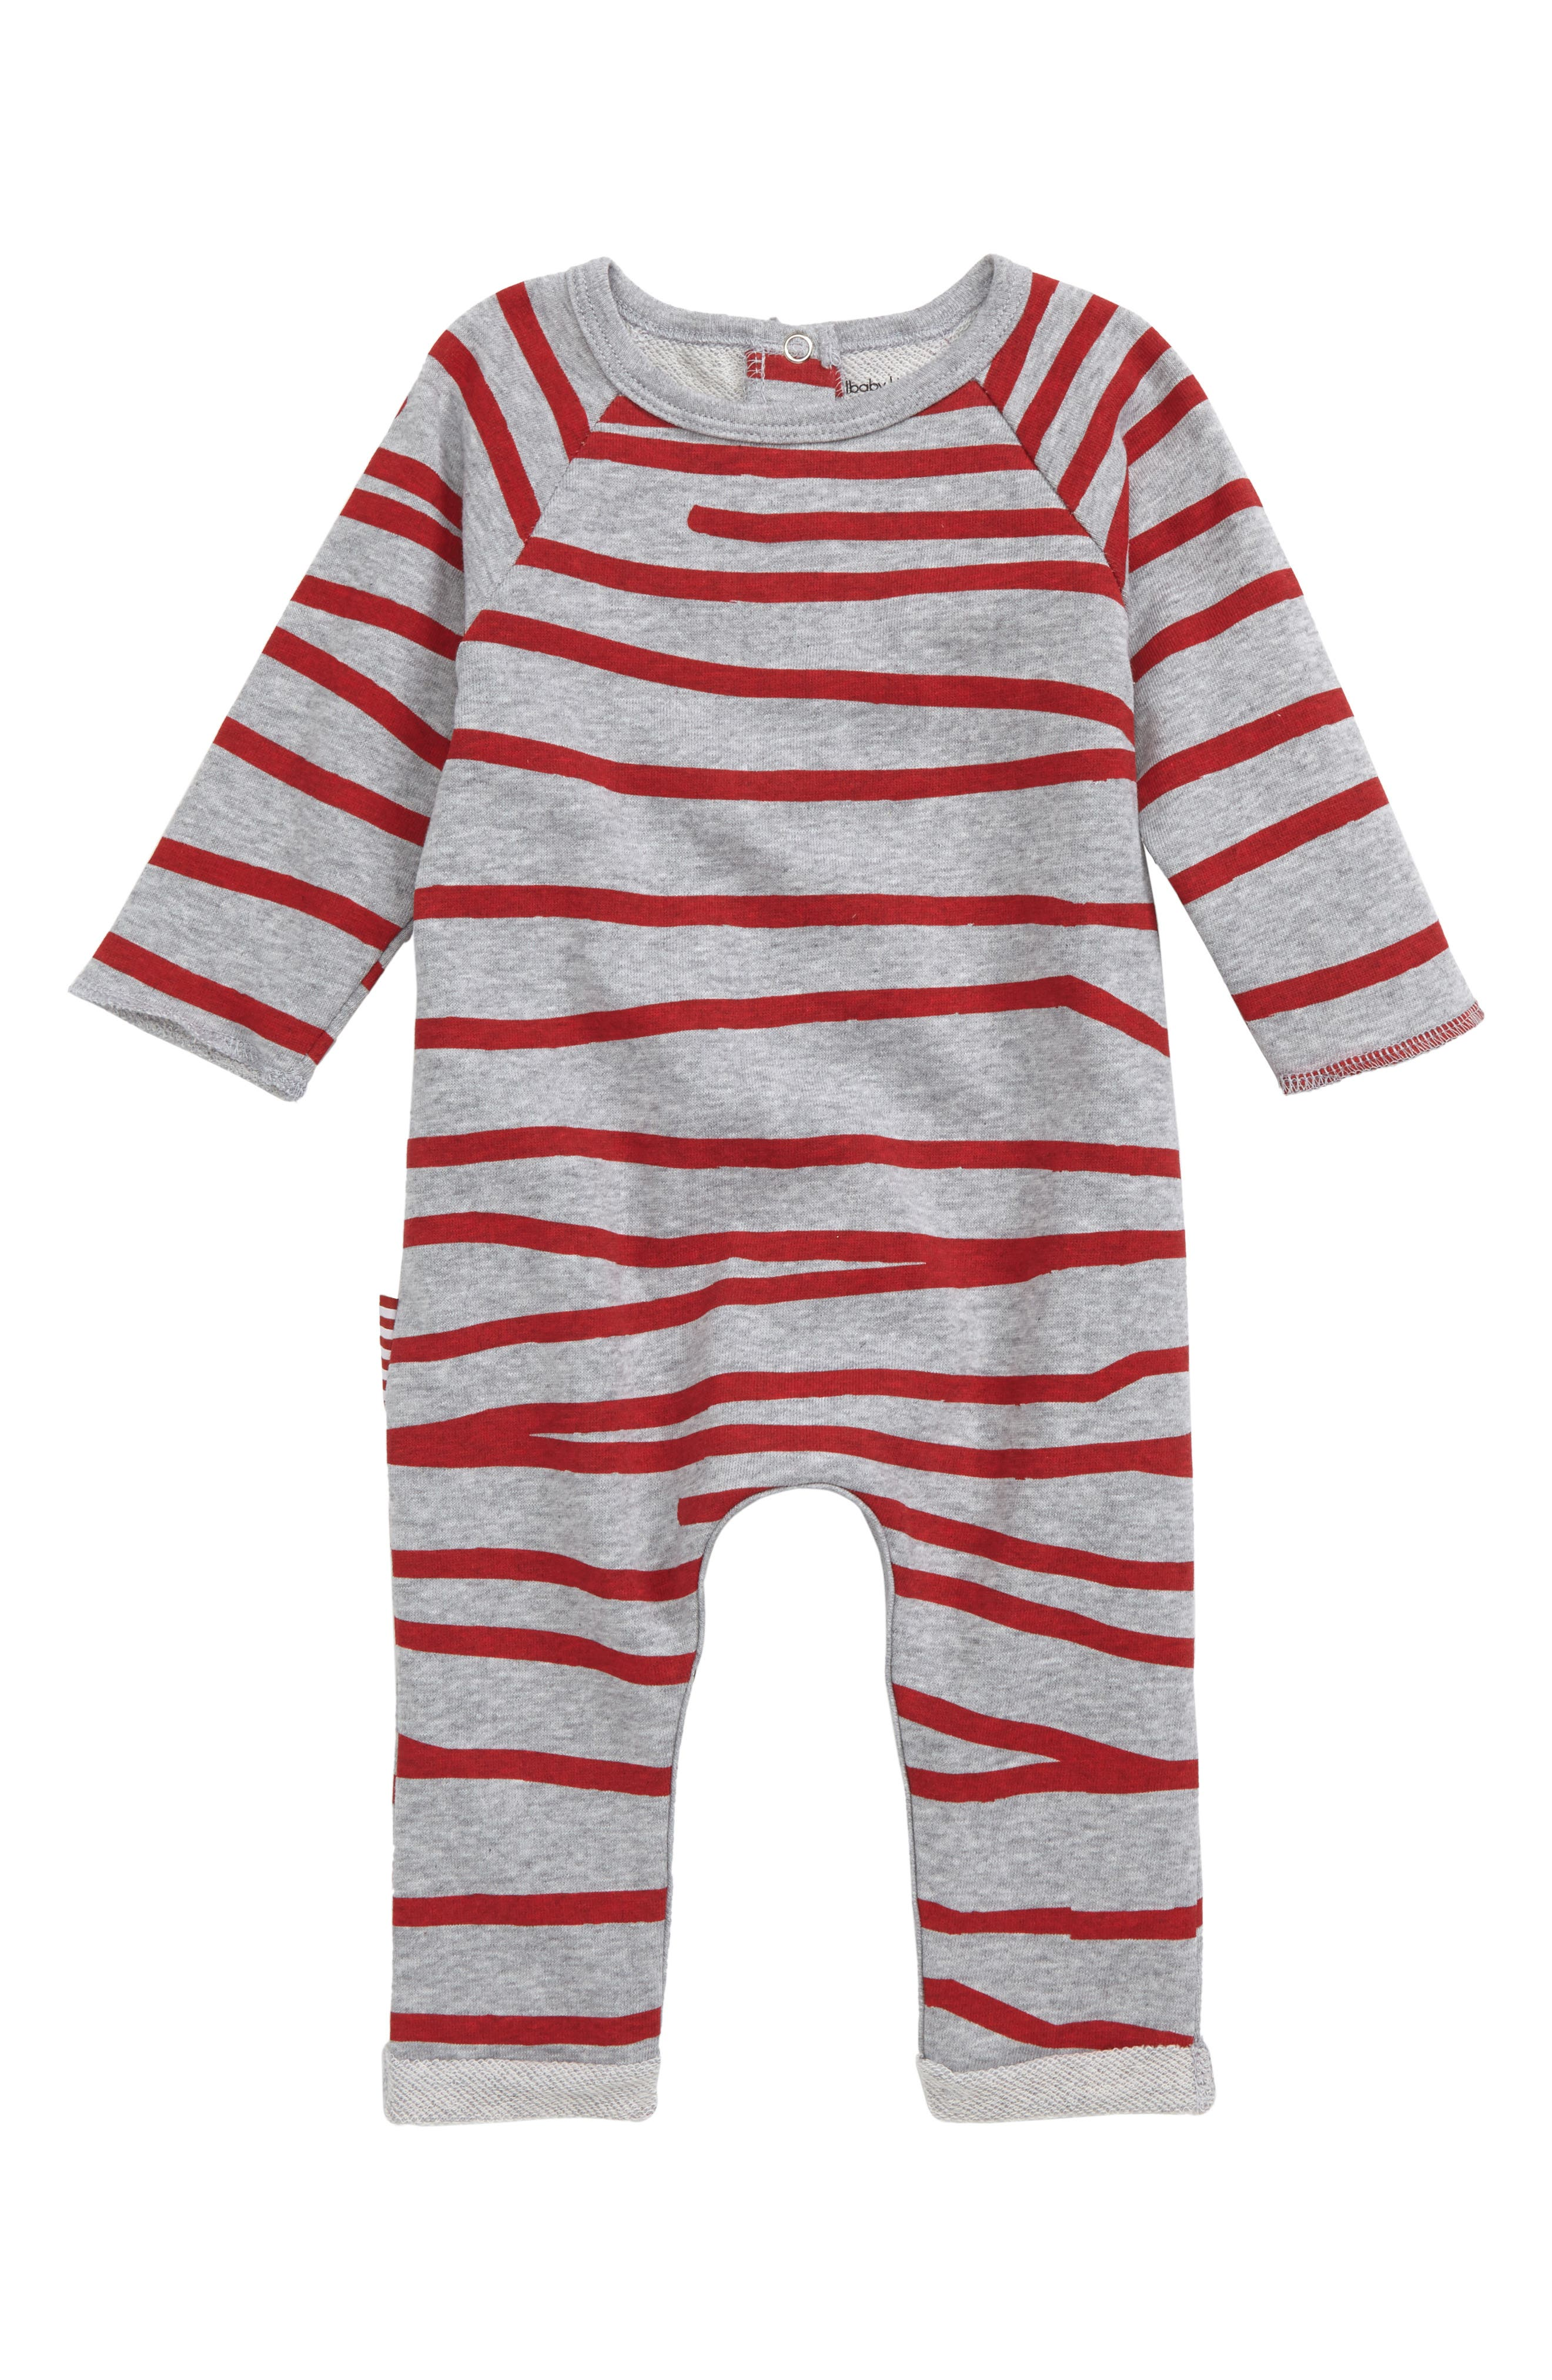 Main Image - SOOKIbaby Stripe Romper (Baby)